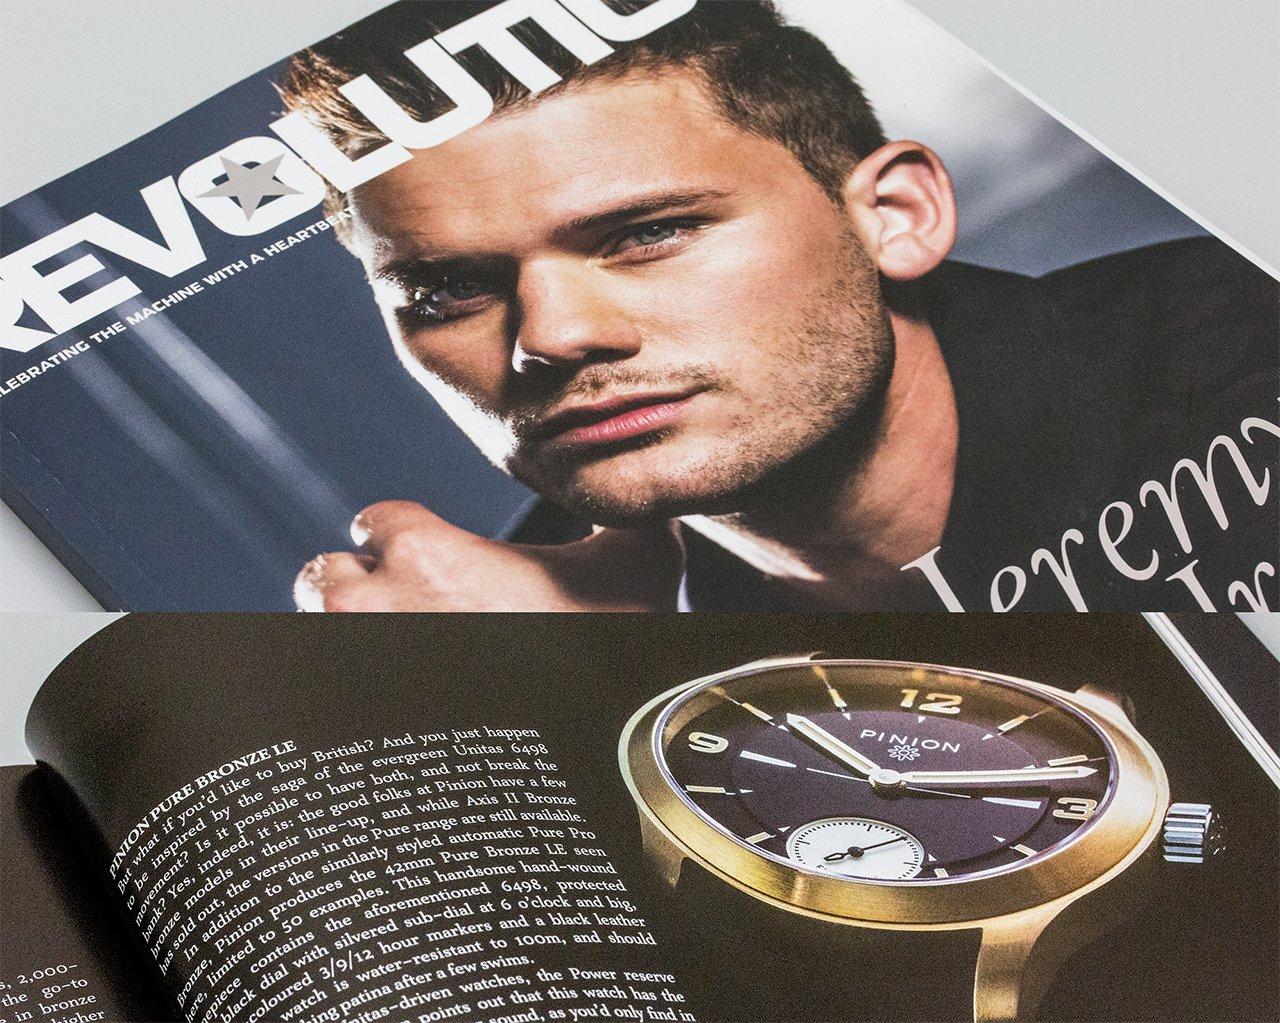 Pinion Revolution Magazine Bronze watches